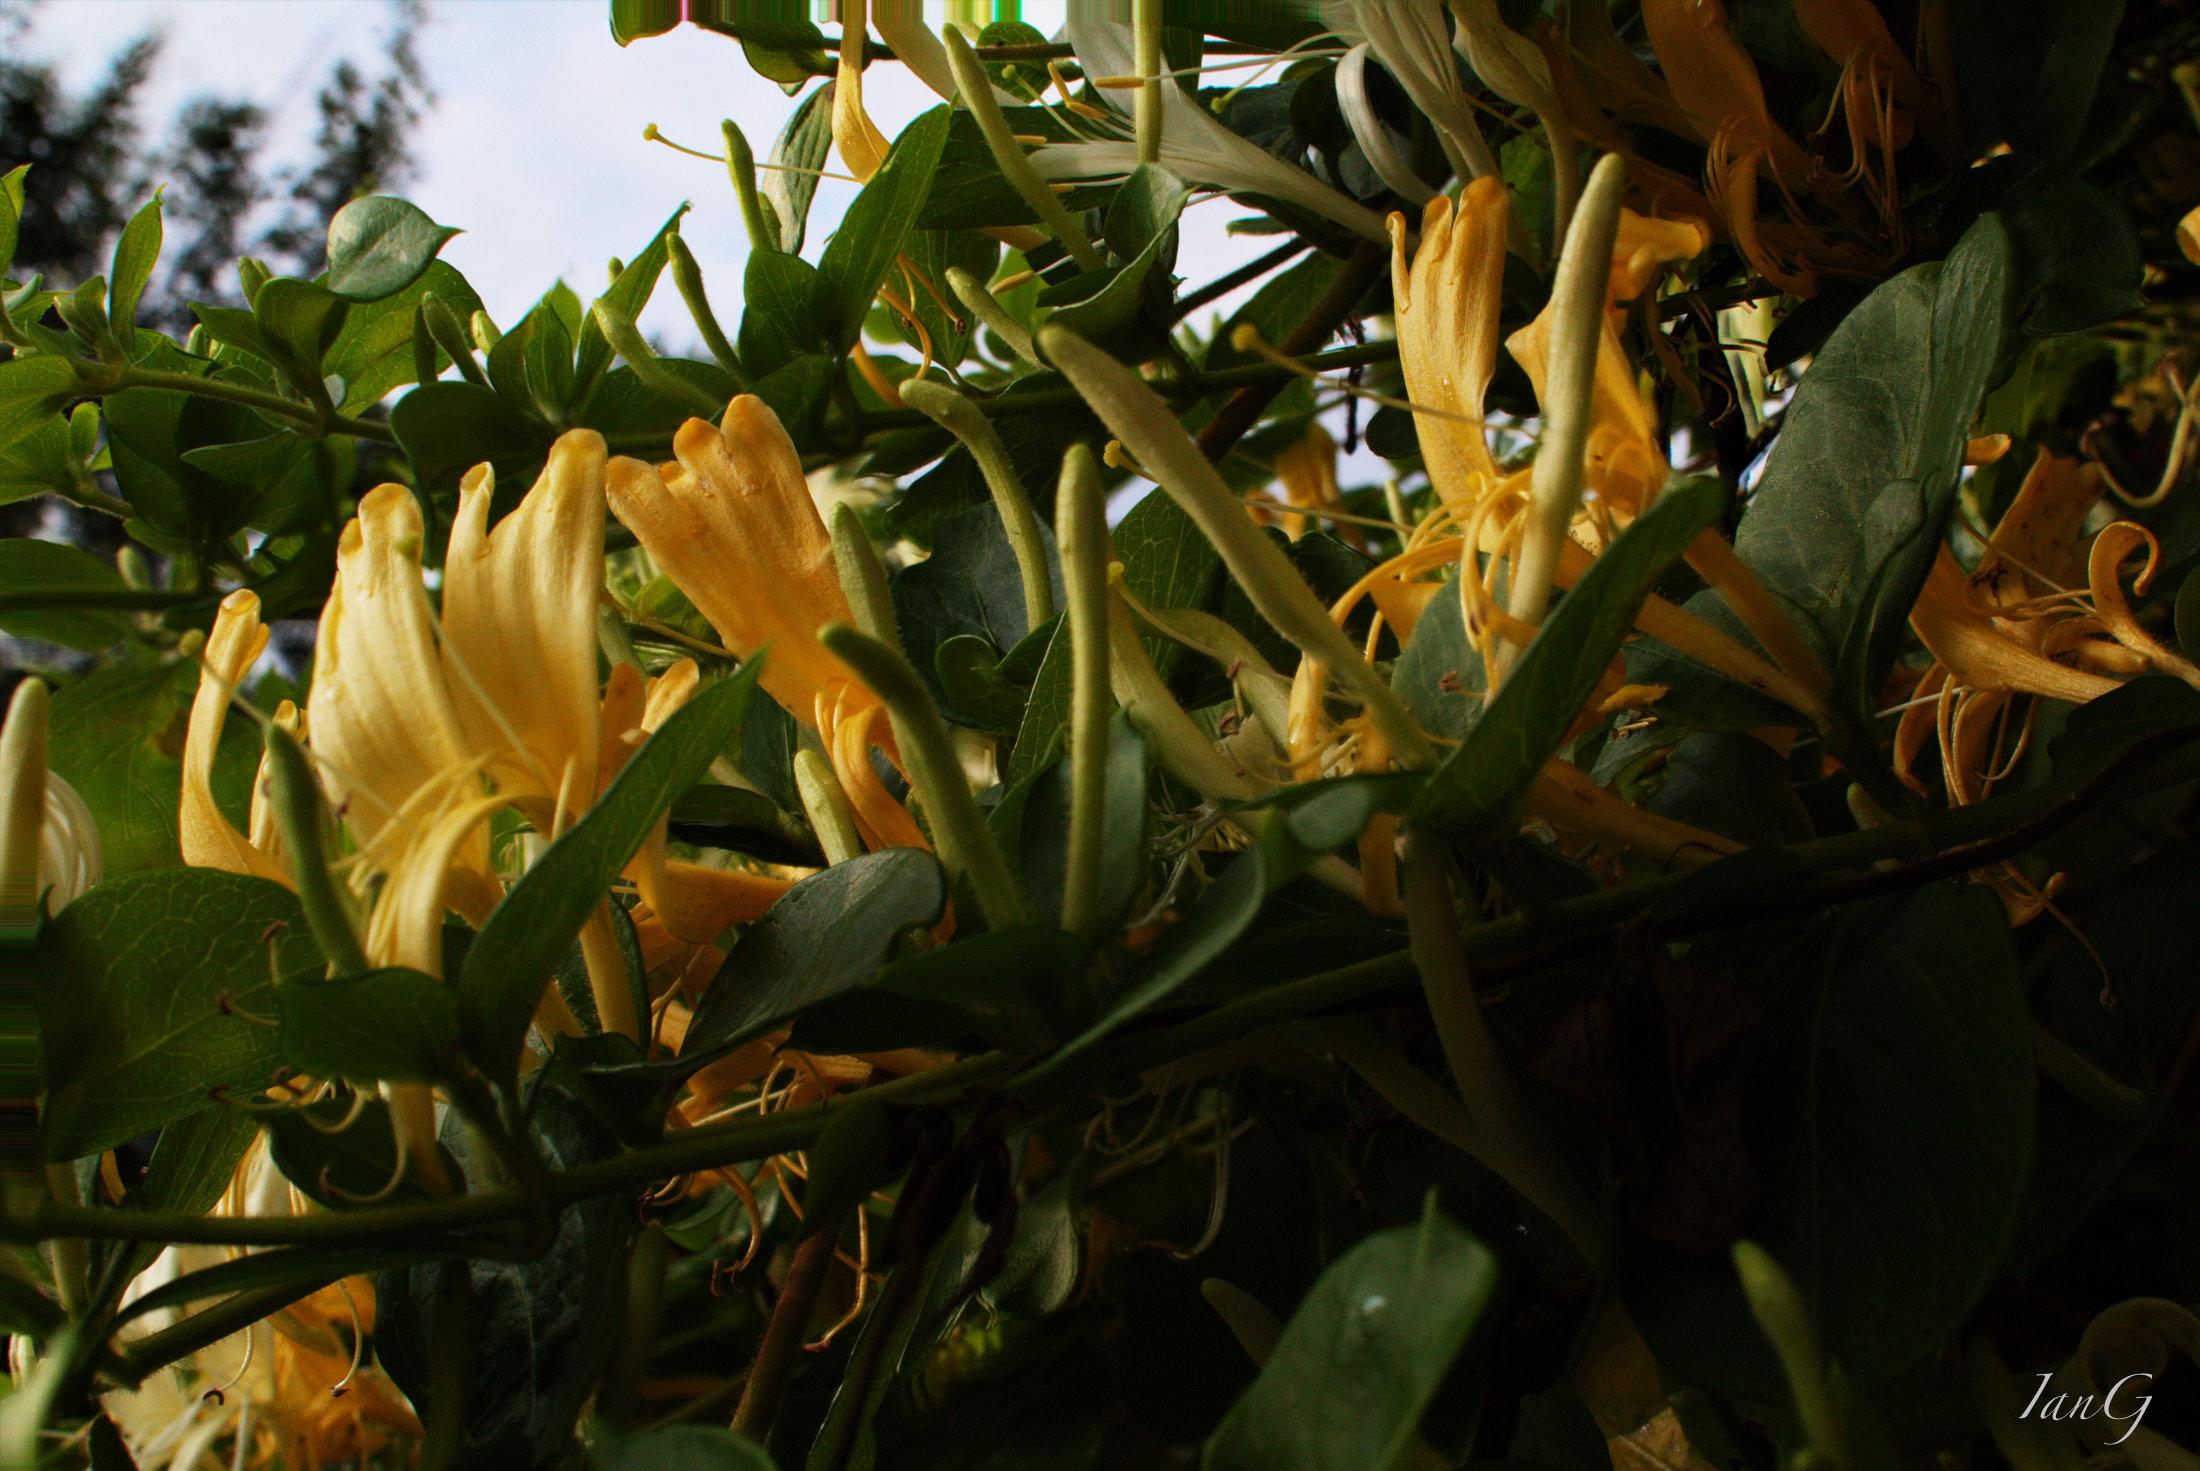 Golden honeysuckle flowers in full bloom